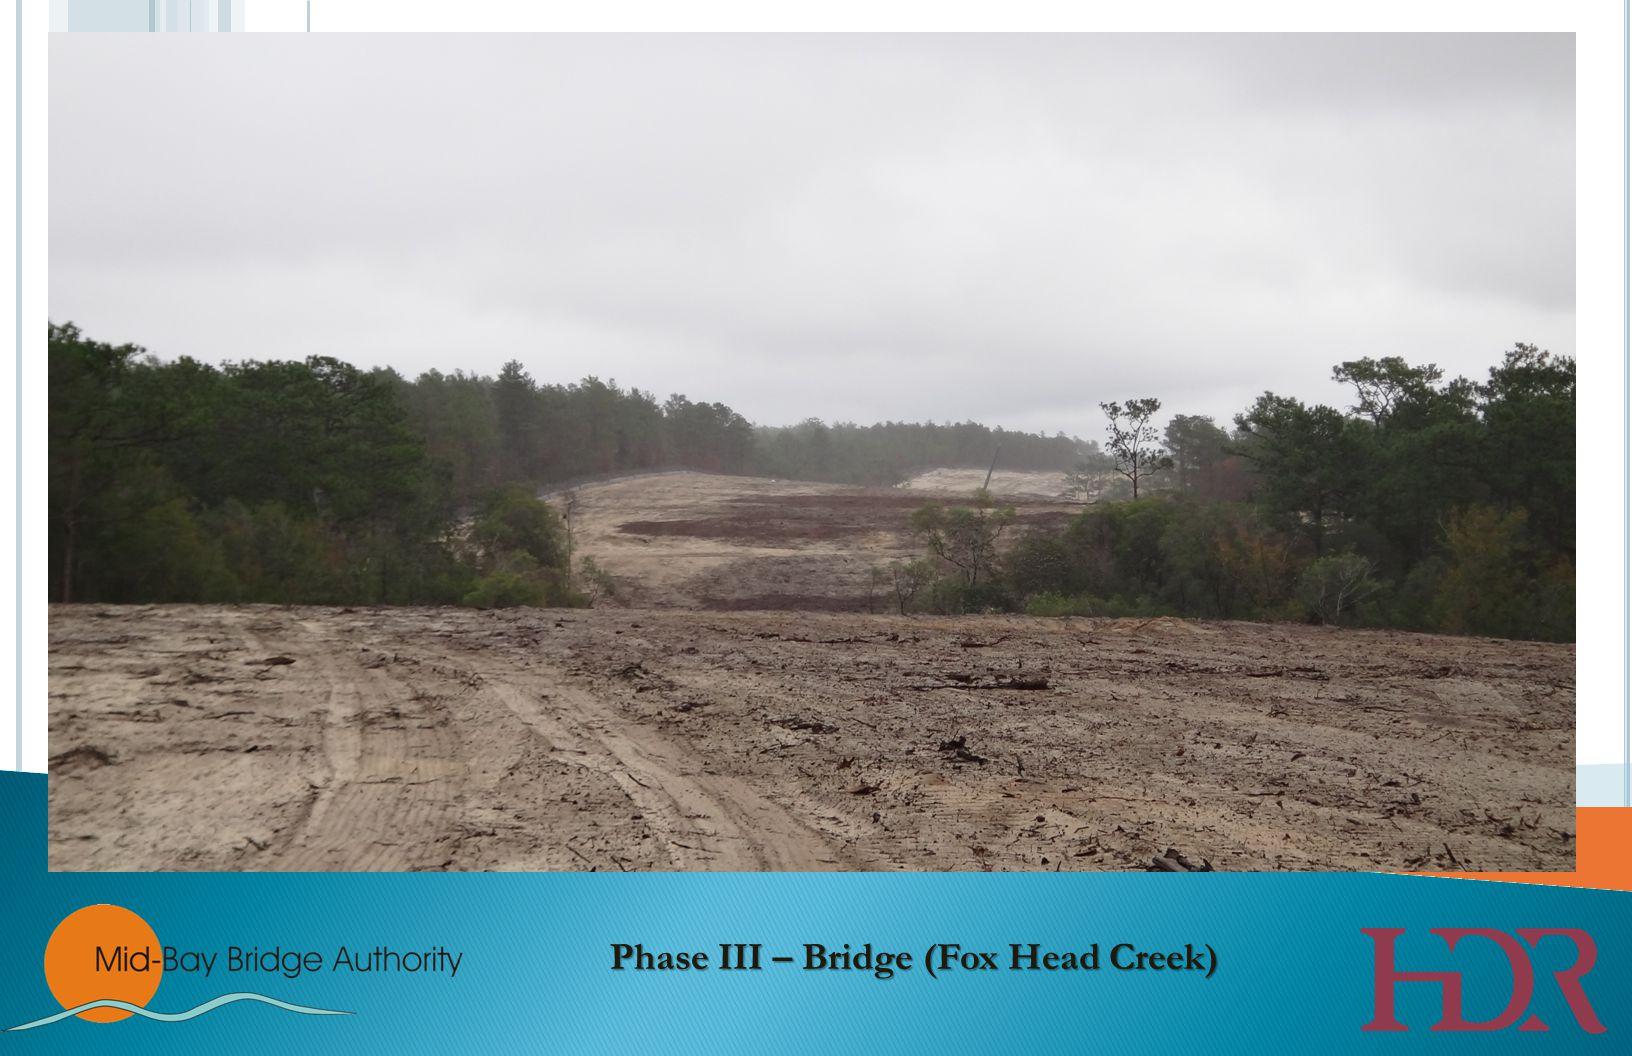 Phase III – Bridge (Fox Head Creek)